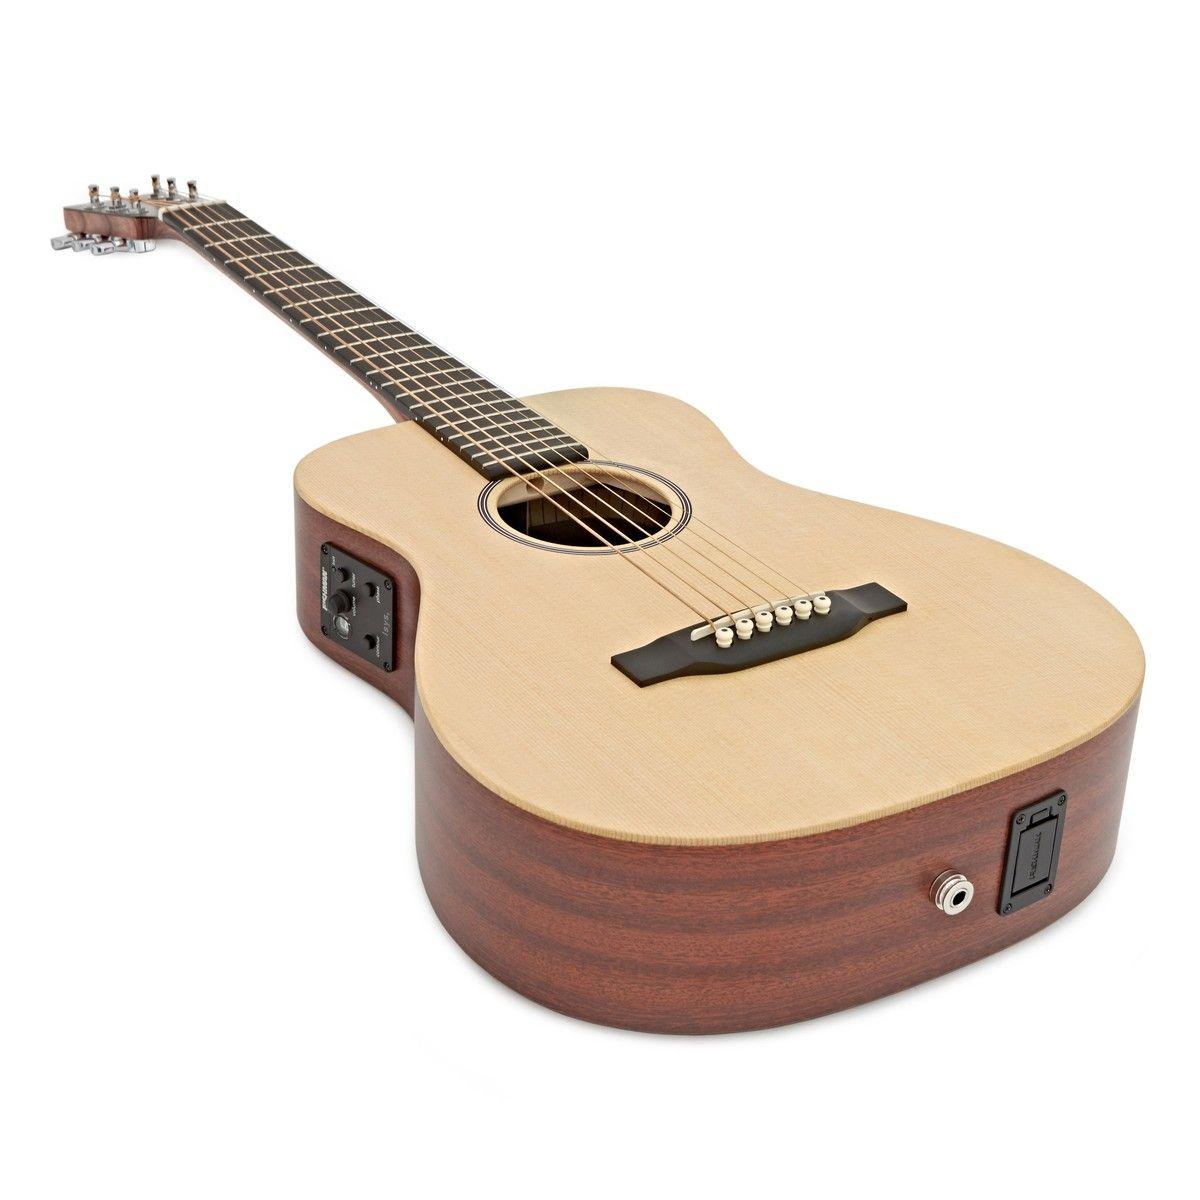 Little Martin Lx1e Acoustic Guitar Vintage Electric Guitars Acoustic Guitar Guitar